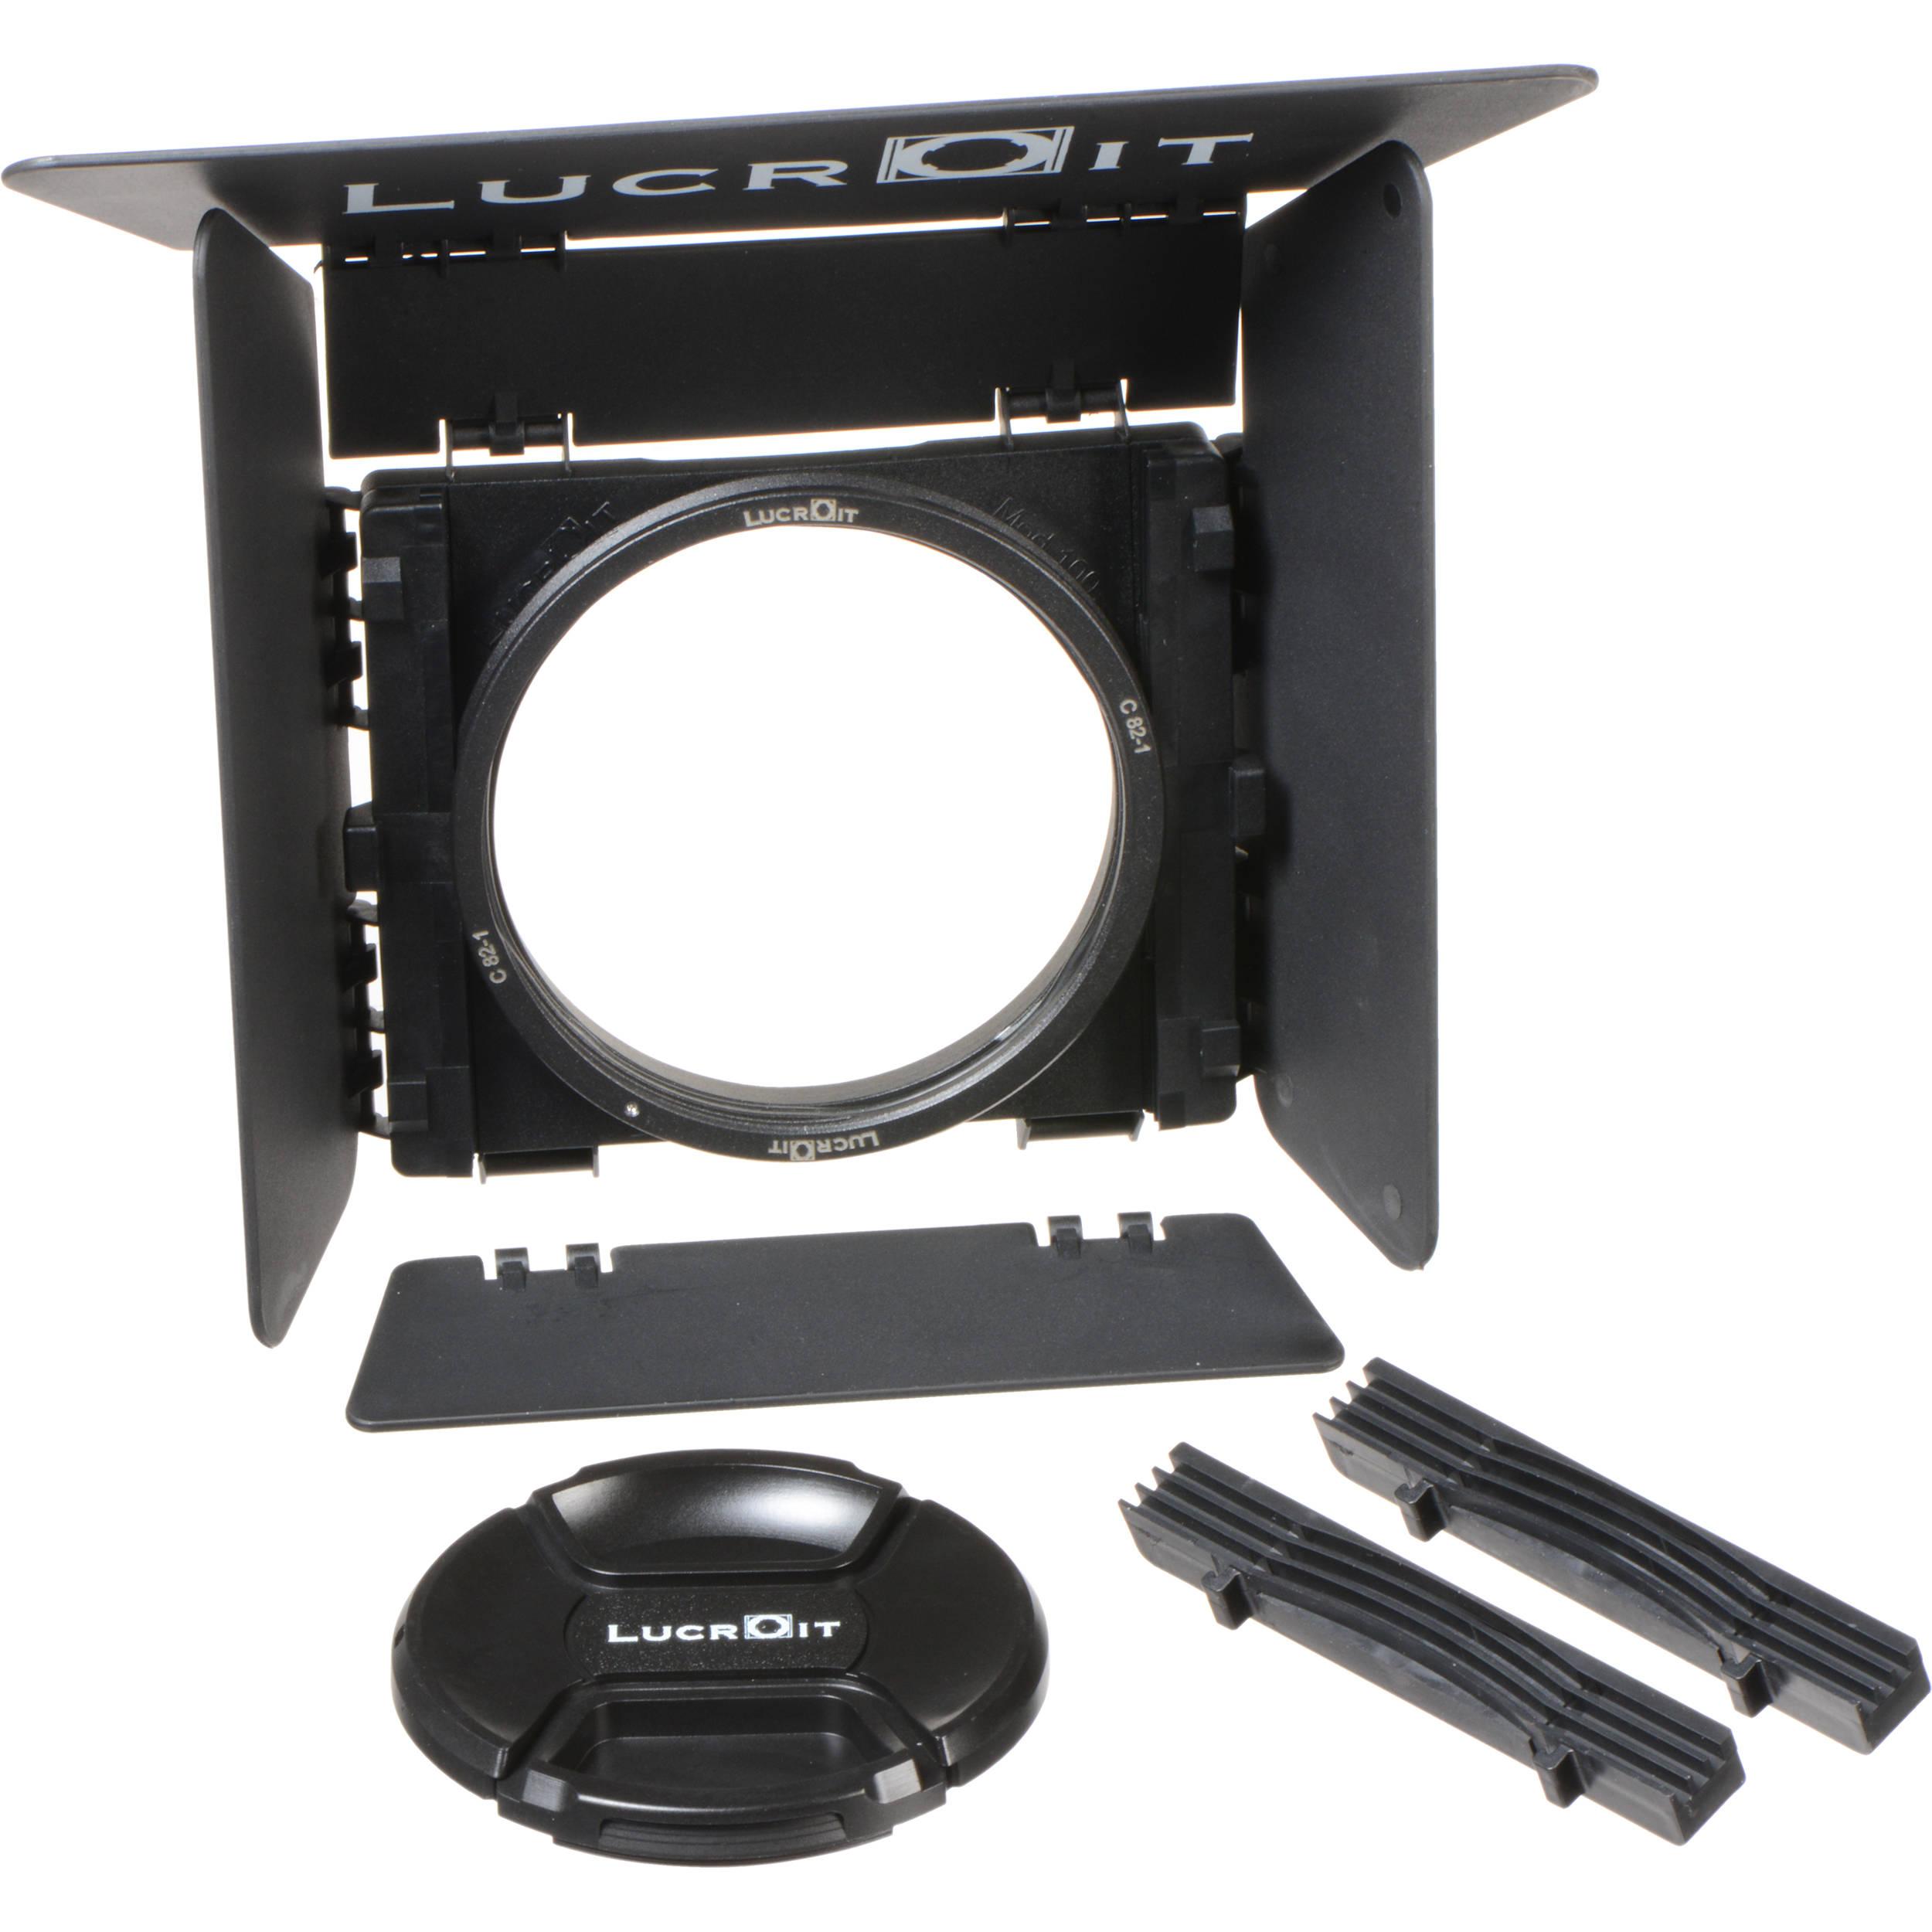 Formatt Hitech Lucroit 100mm Filter Holder Kit HTL100C10K B&H